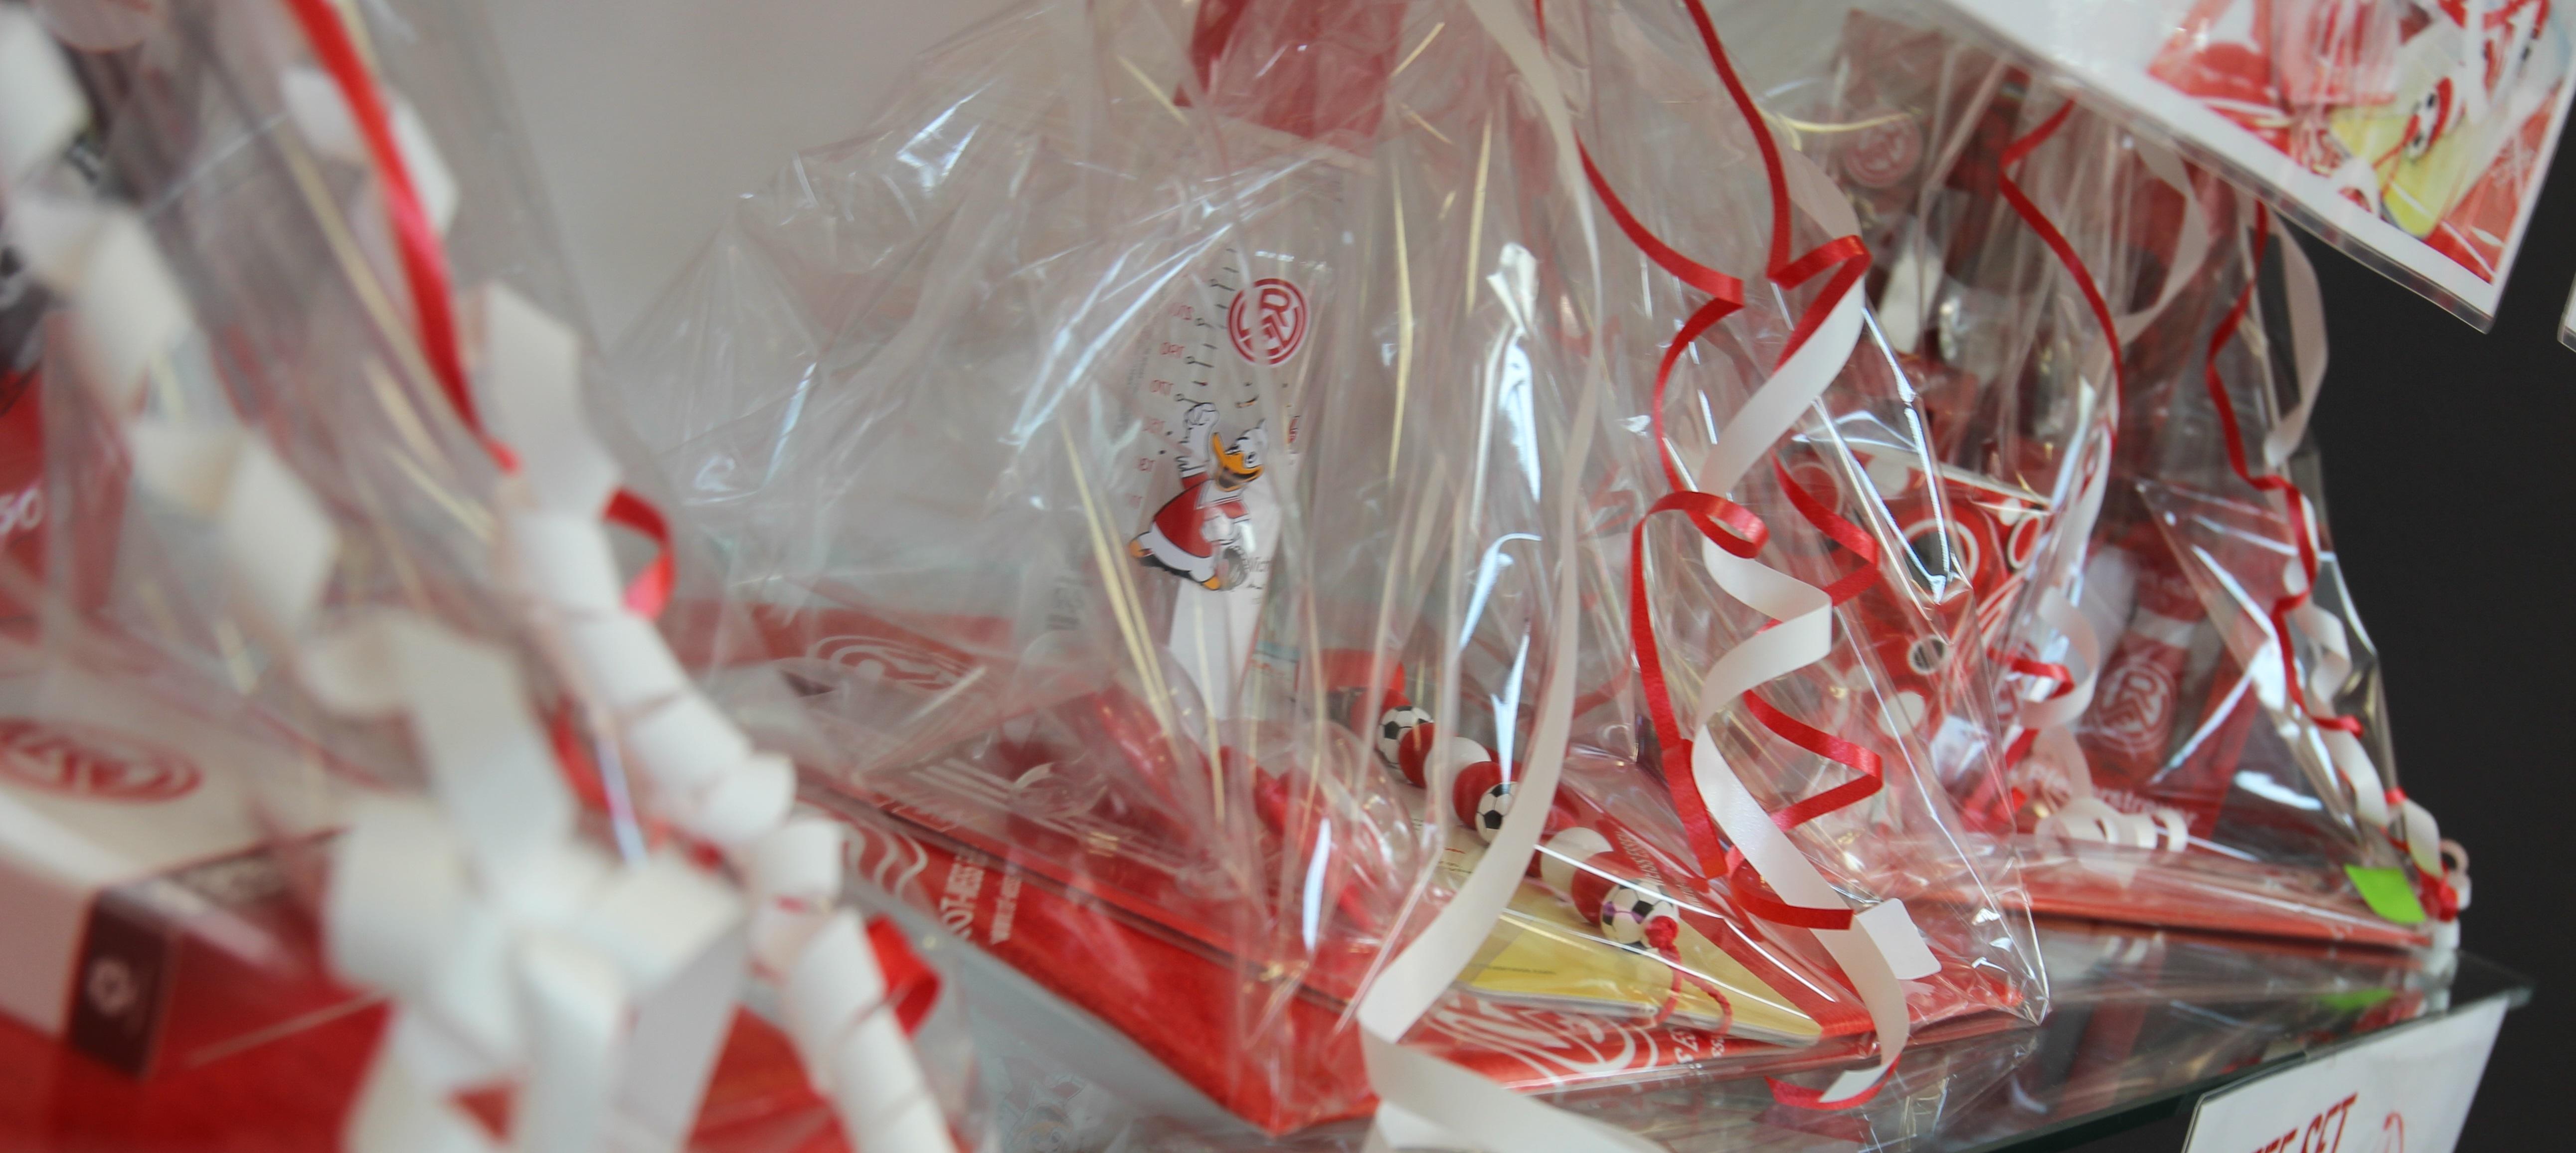 Die rot-weissen Zusammenstellungen sind ab sofort im Fanshop an der Hafenstraße erhältlich.